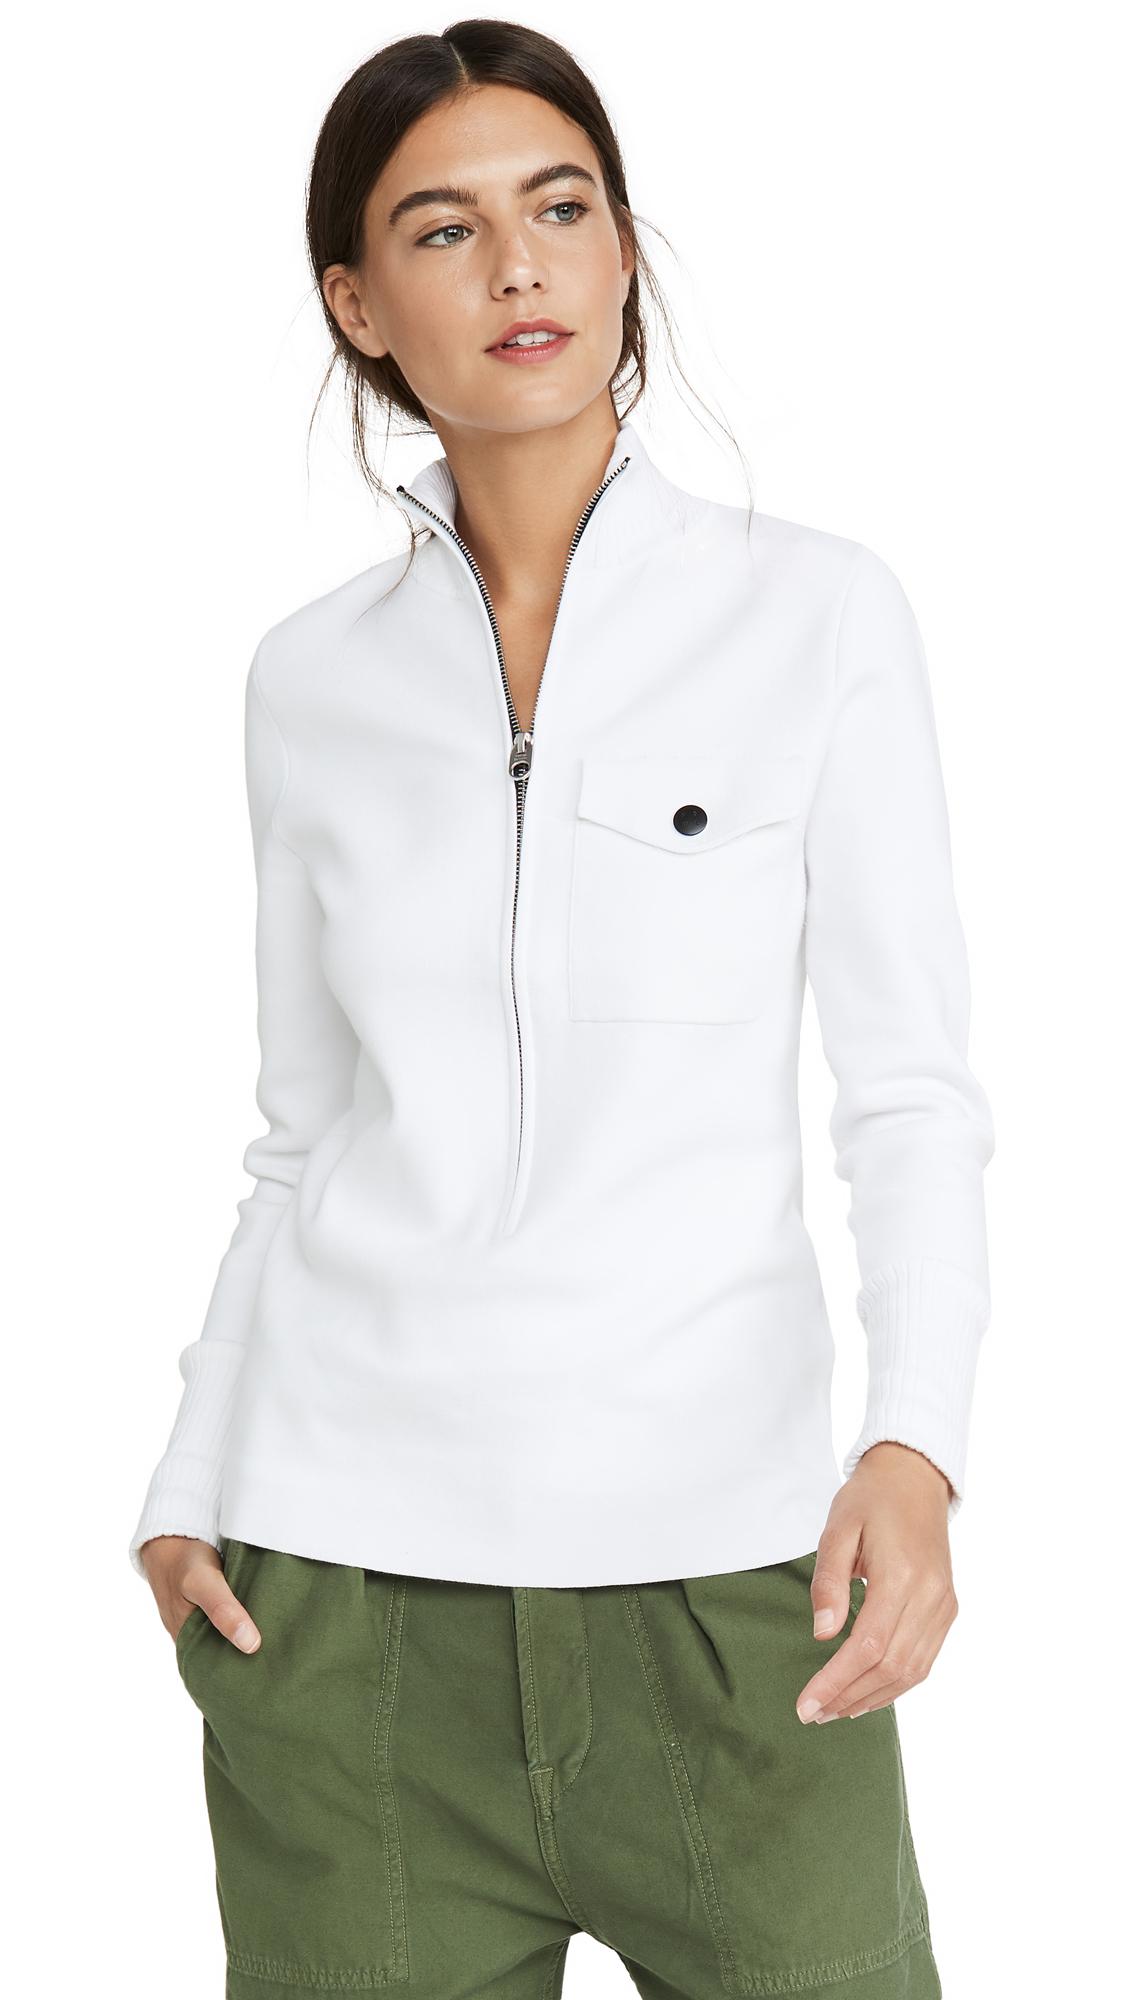 Buy Proenza Schouler White Label online - photo of Proenza Schouler White Label 1/4 Zip Sweater